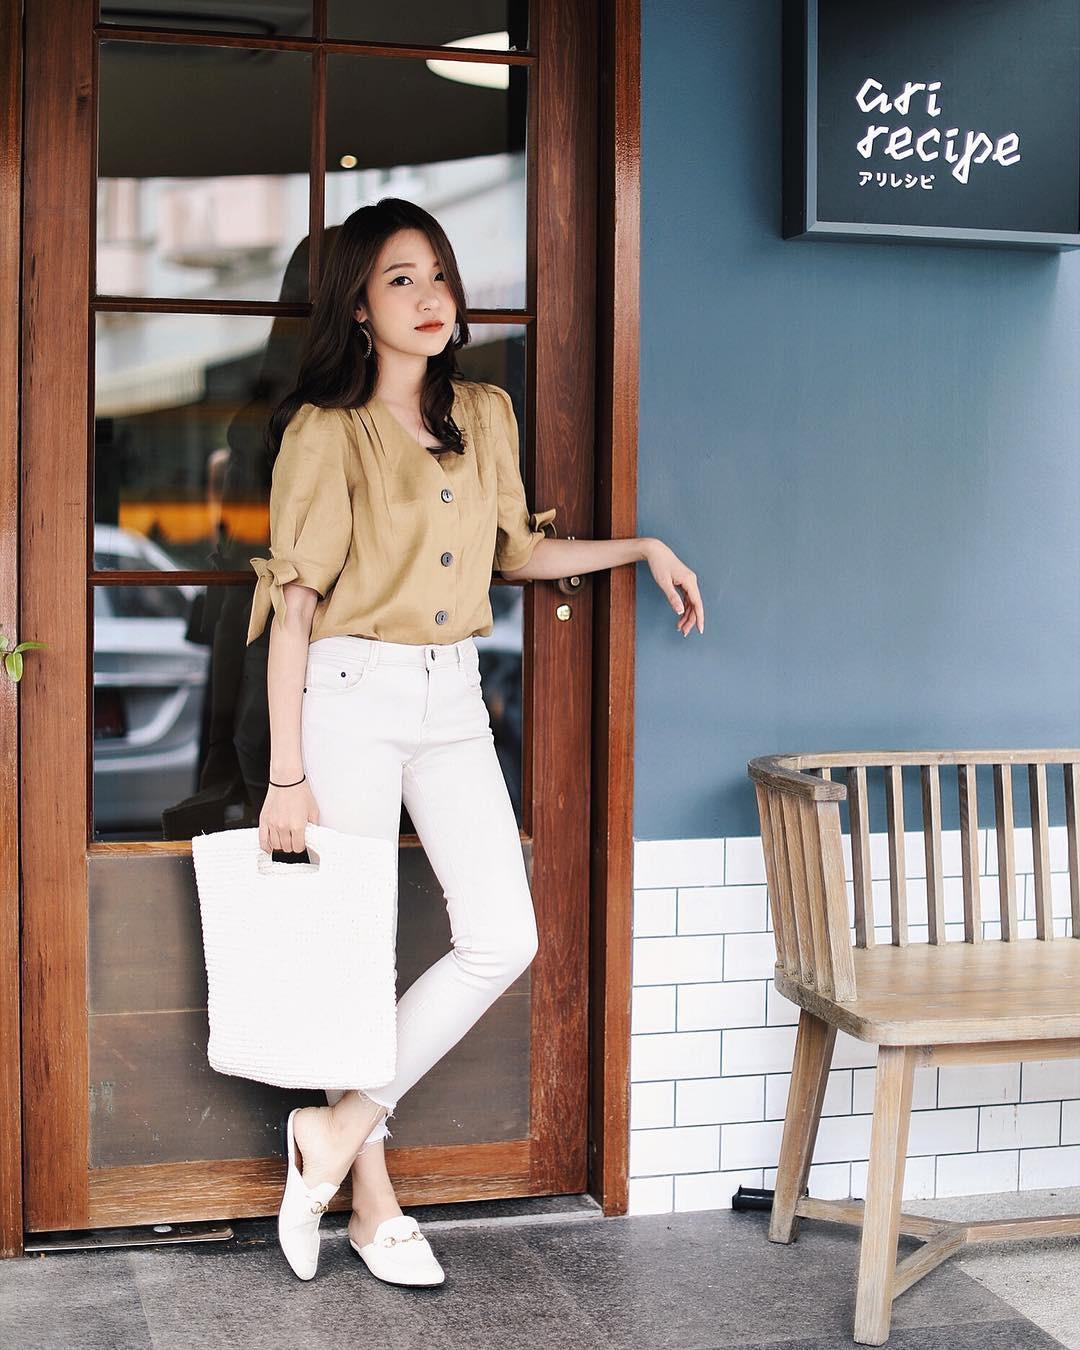 6 items thời trang các quý cô ngoài 30 tuổi cần có để thật xinh đẹp và cuốn hút trong mọi hoàn cảnh - Ảnh 4